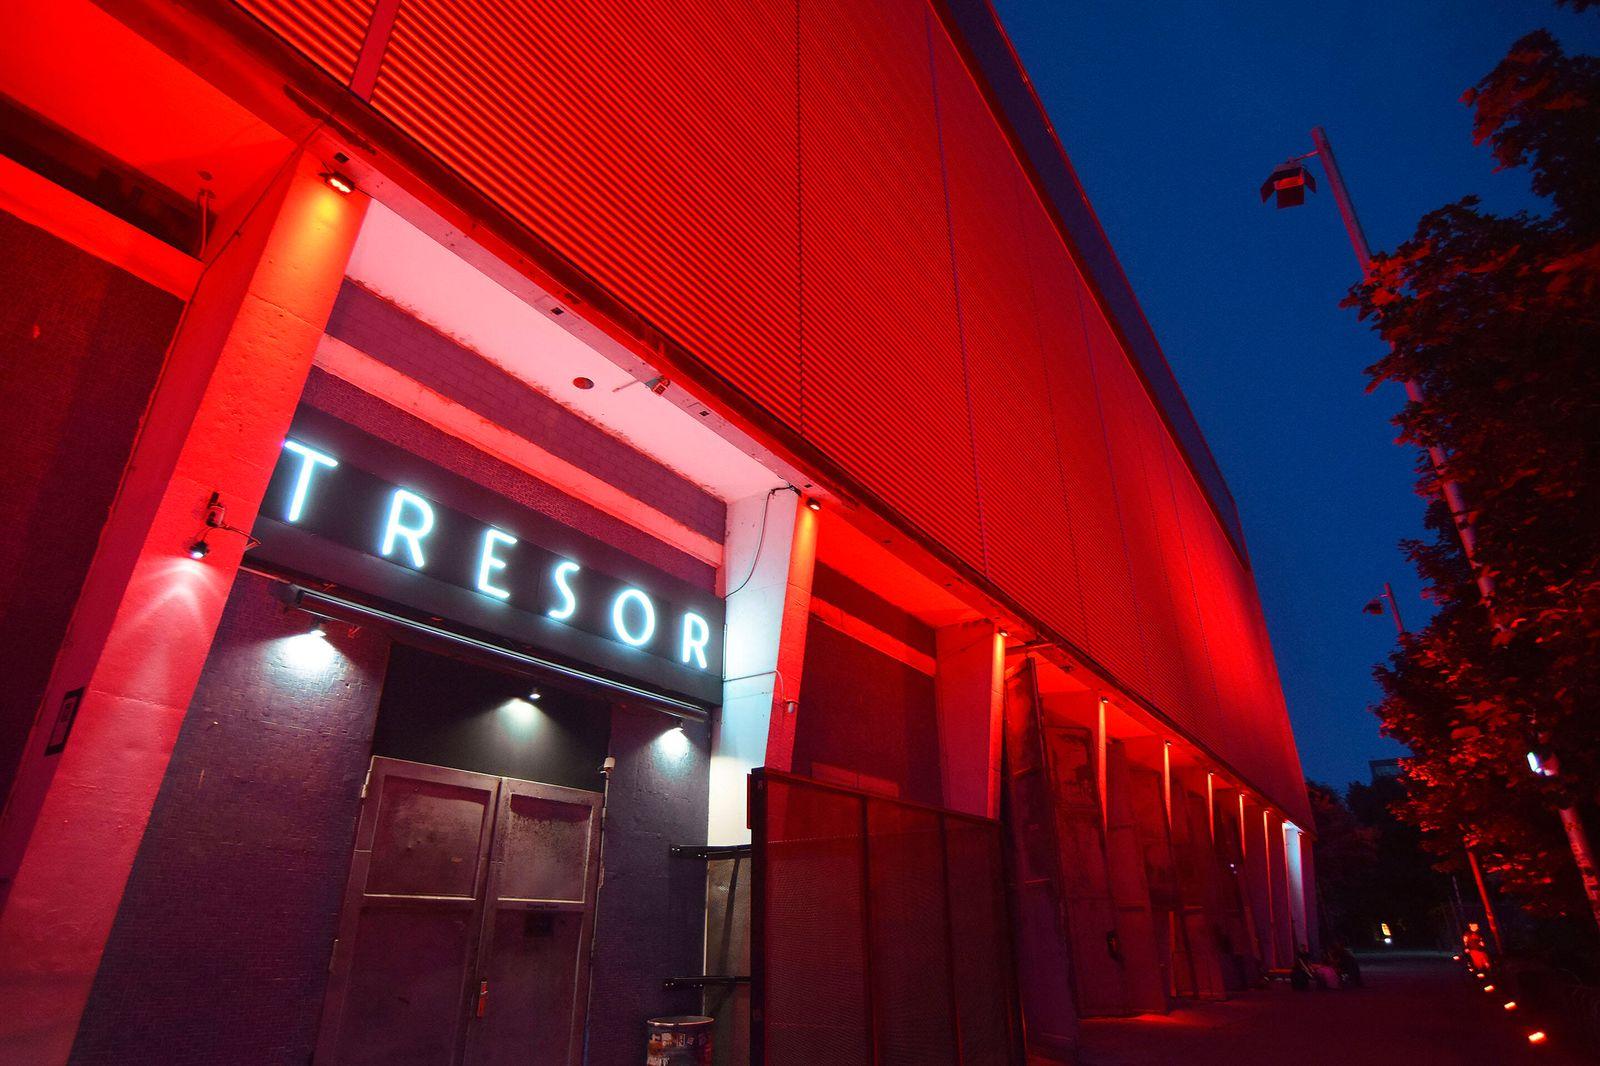 Am Abend des 22.06.2020 haben zahlreiche Kultur- und Veranstaltungsorte Berlins von 22 Uhr an fuer drei Stunden ihre Lo